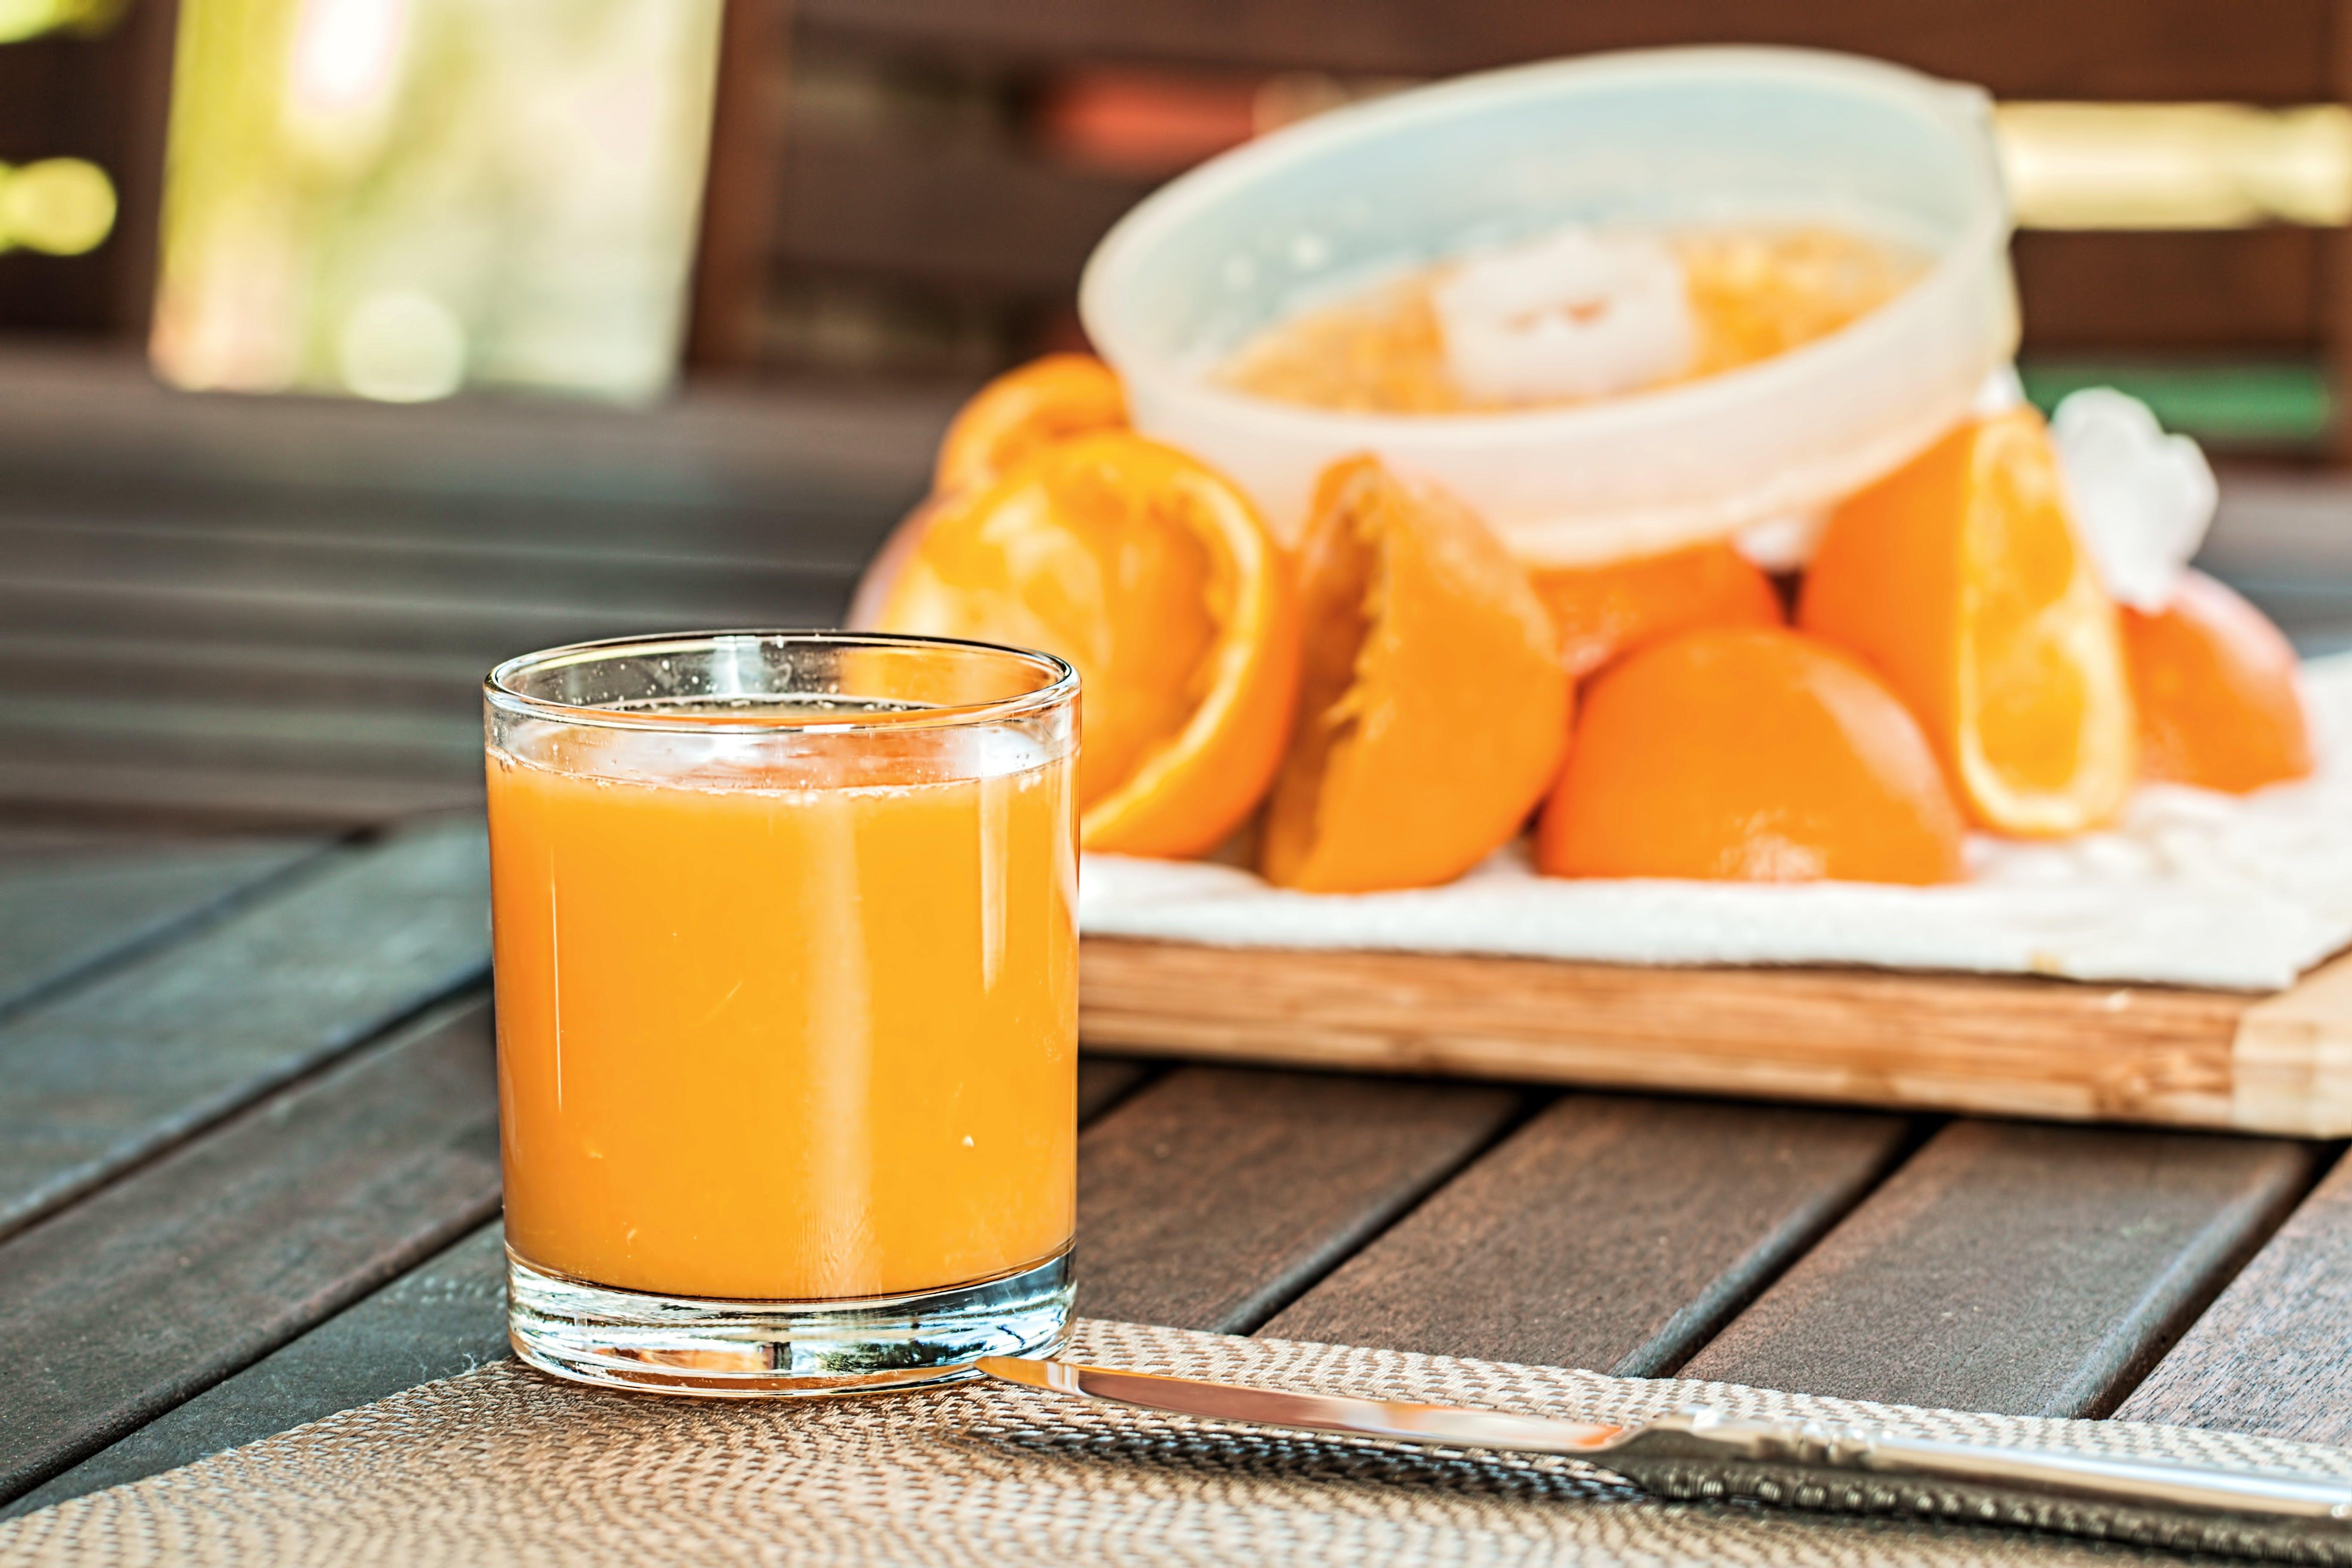 Kostenloses Stock Foto zu getränk, tisch, orangensaft, orangen